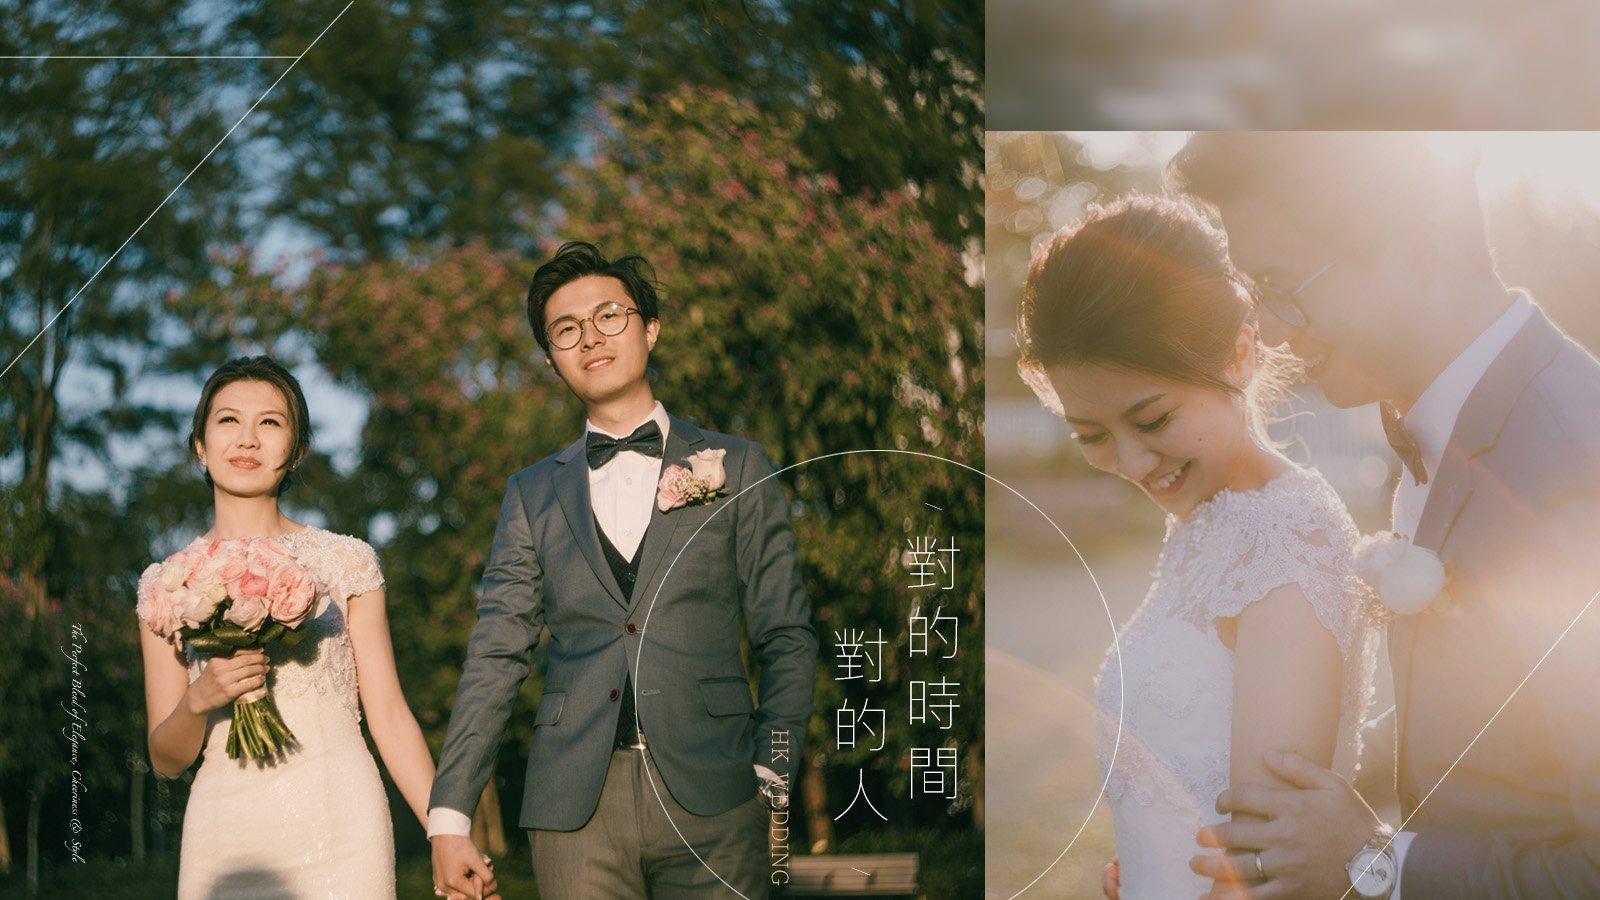 在對的時間遇上對的人 | 婚禮紀錄 | Wedding Photography[有片]